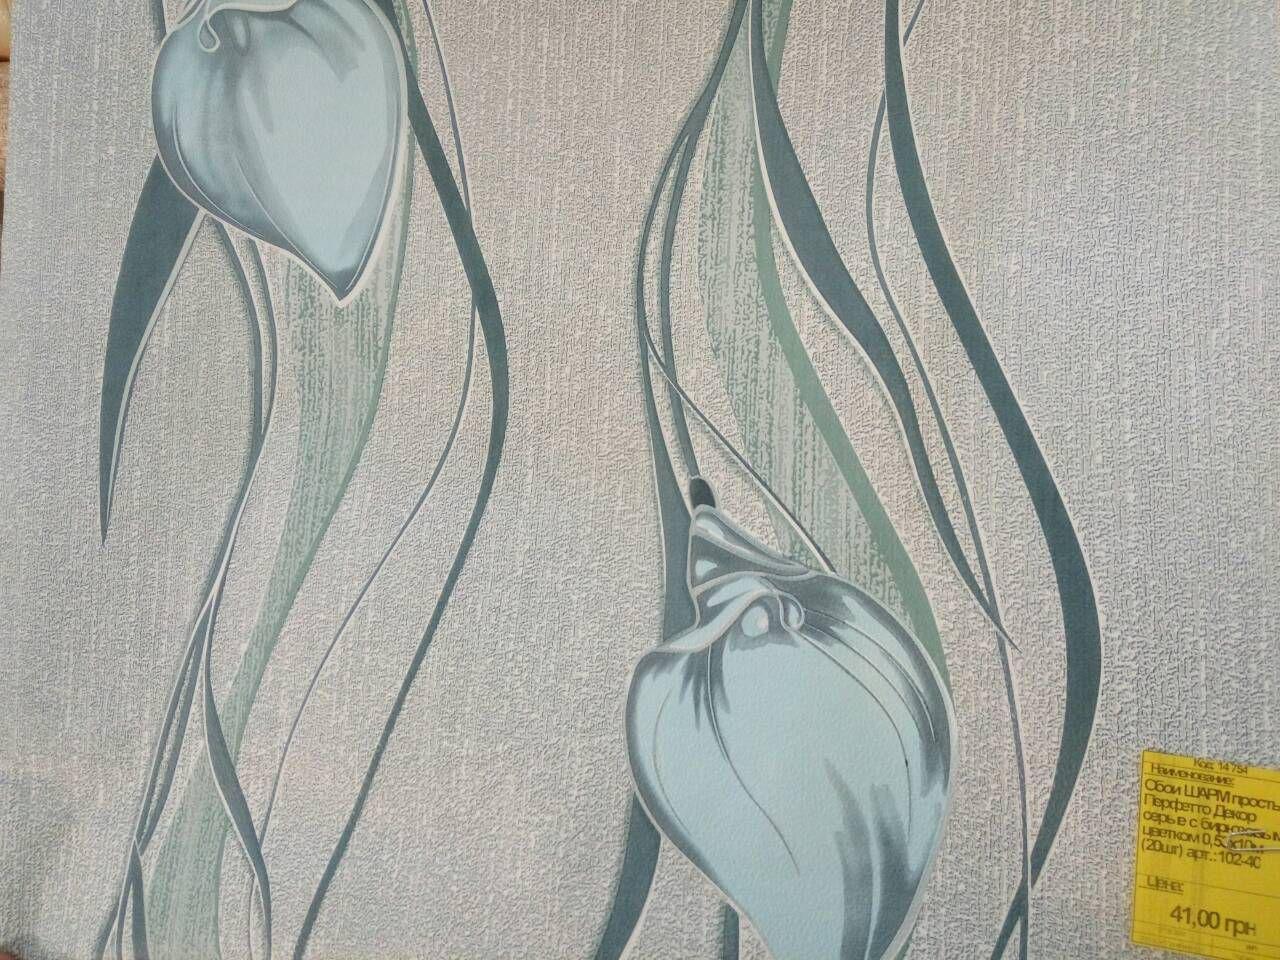 Шпалери ШАРМ прості Перфетто Декор сірі з бірюзовим квіткою 0,53х10м (20шт)